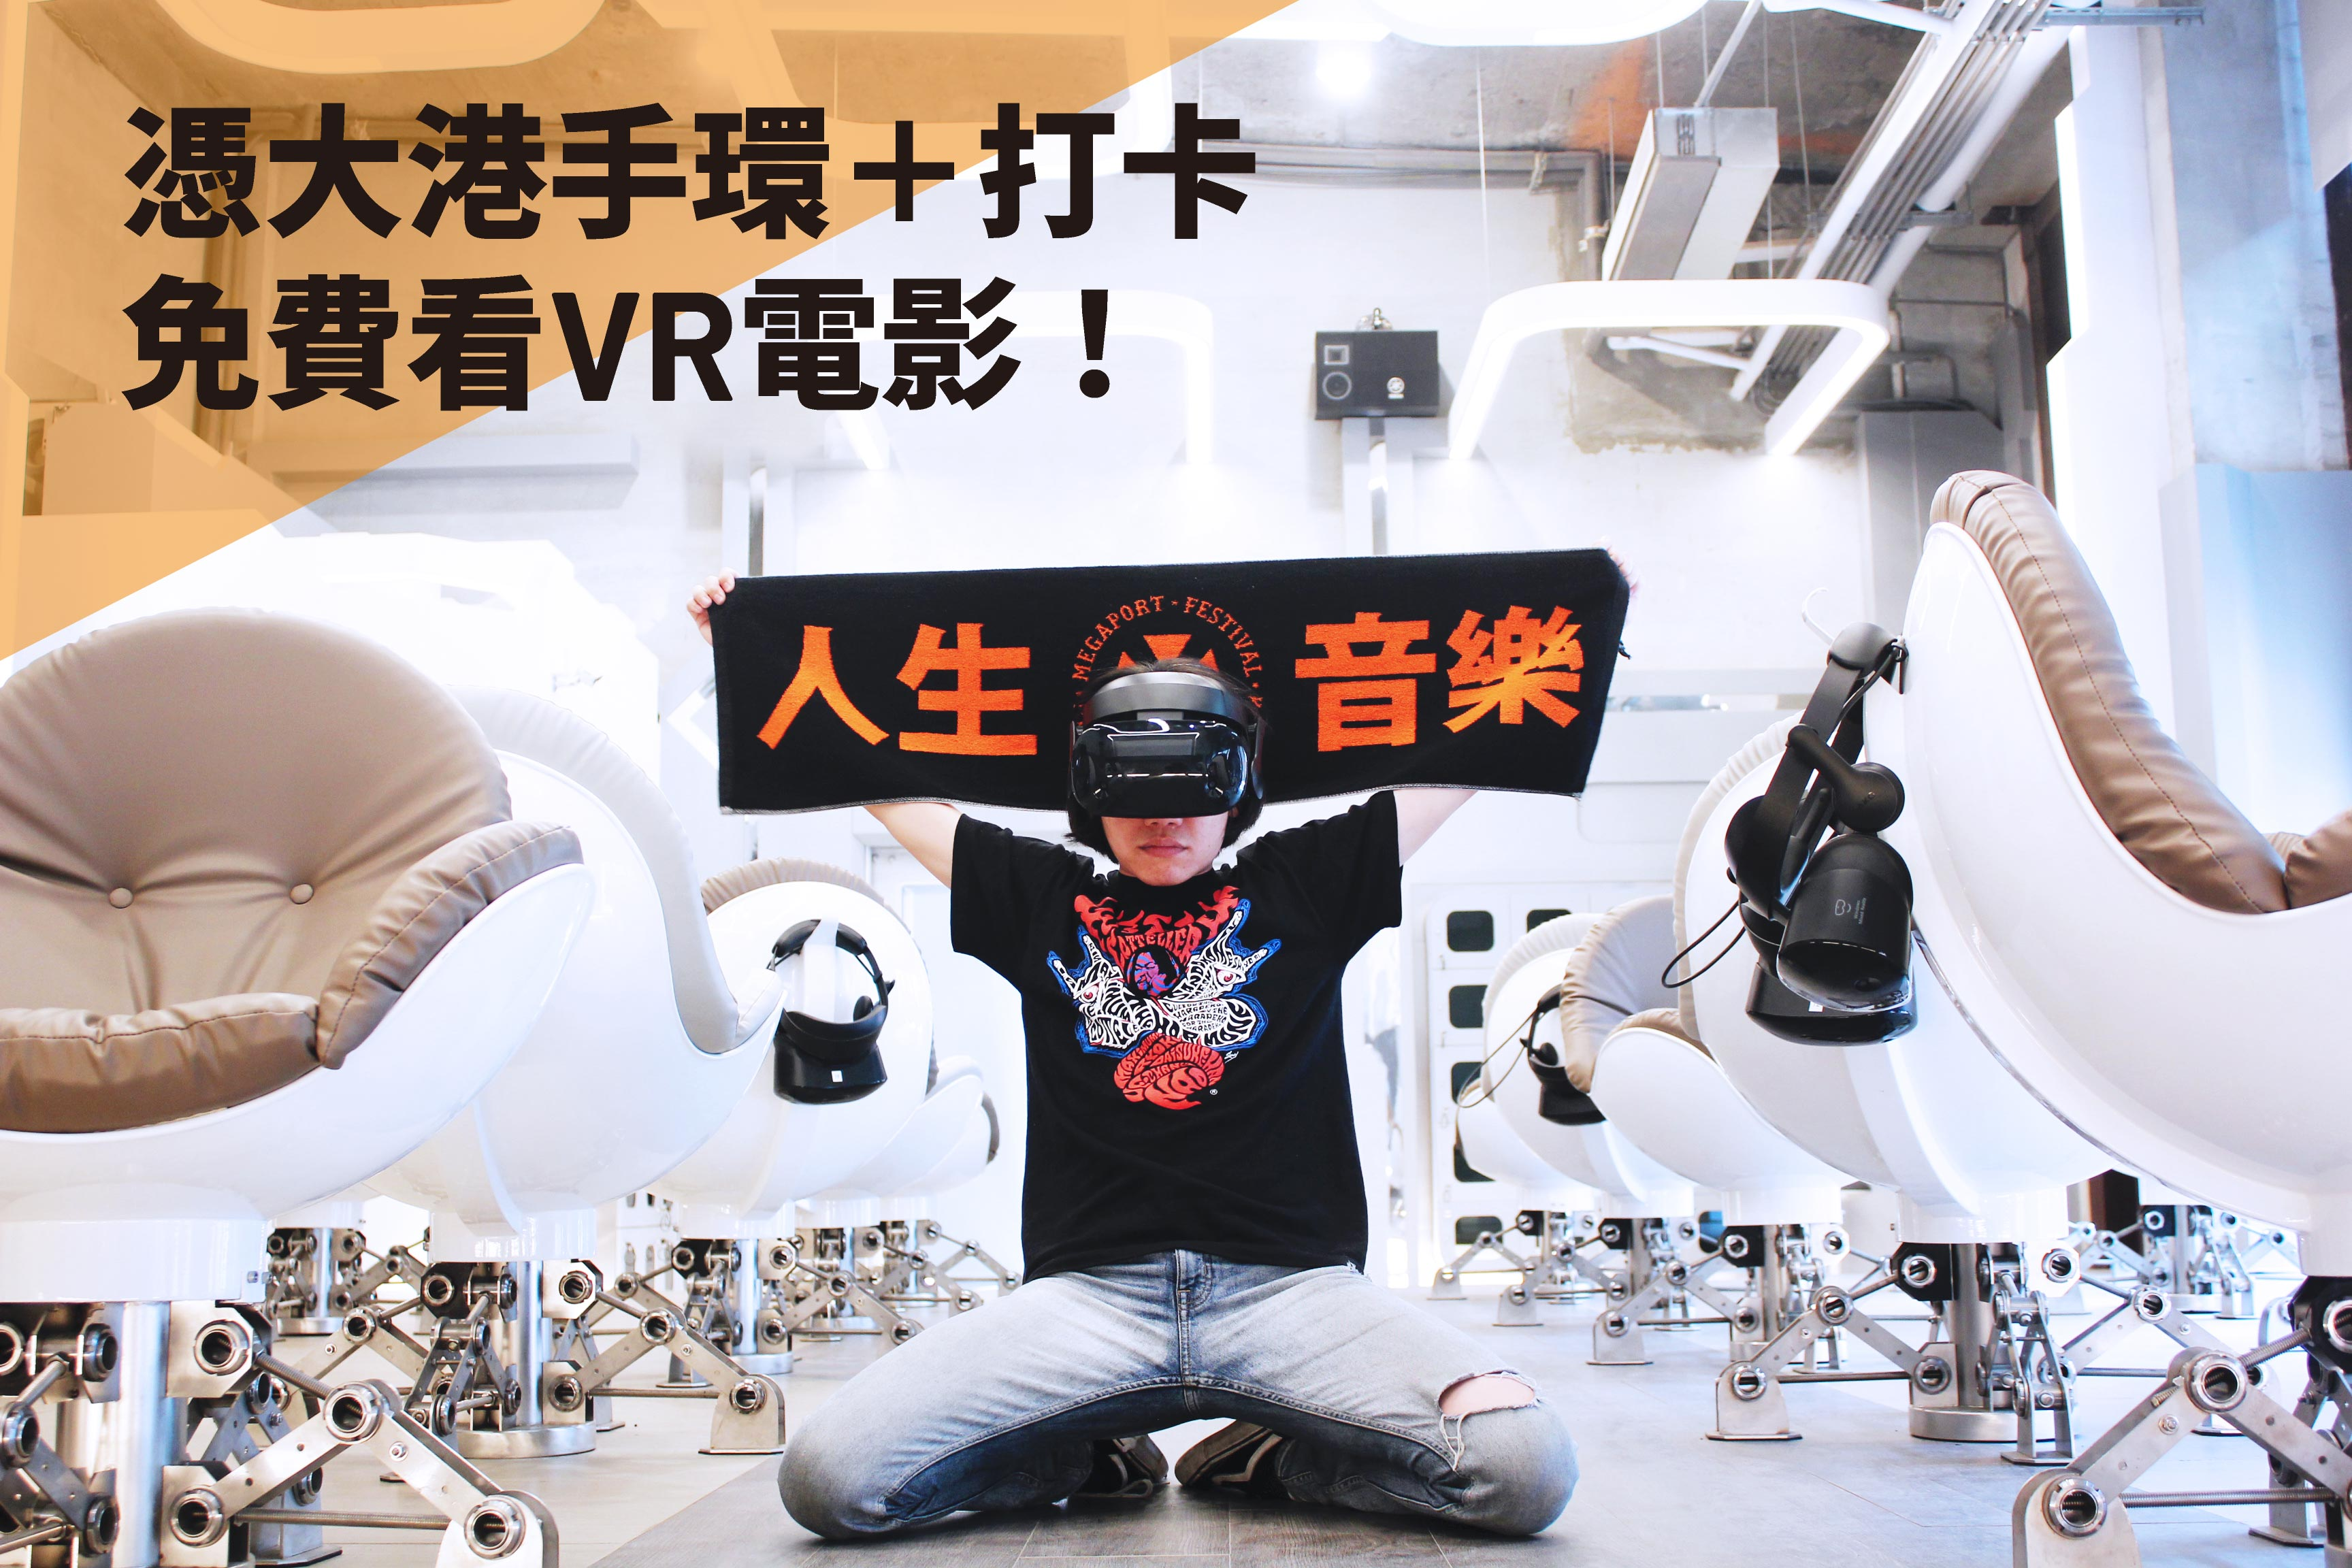 憑大港開唱手環,免費體驗VR電影!